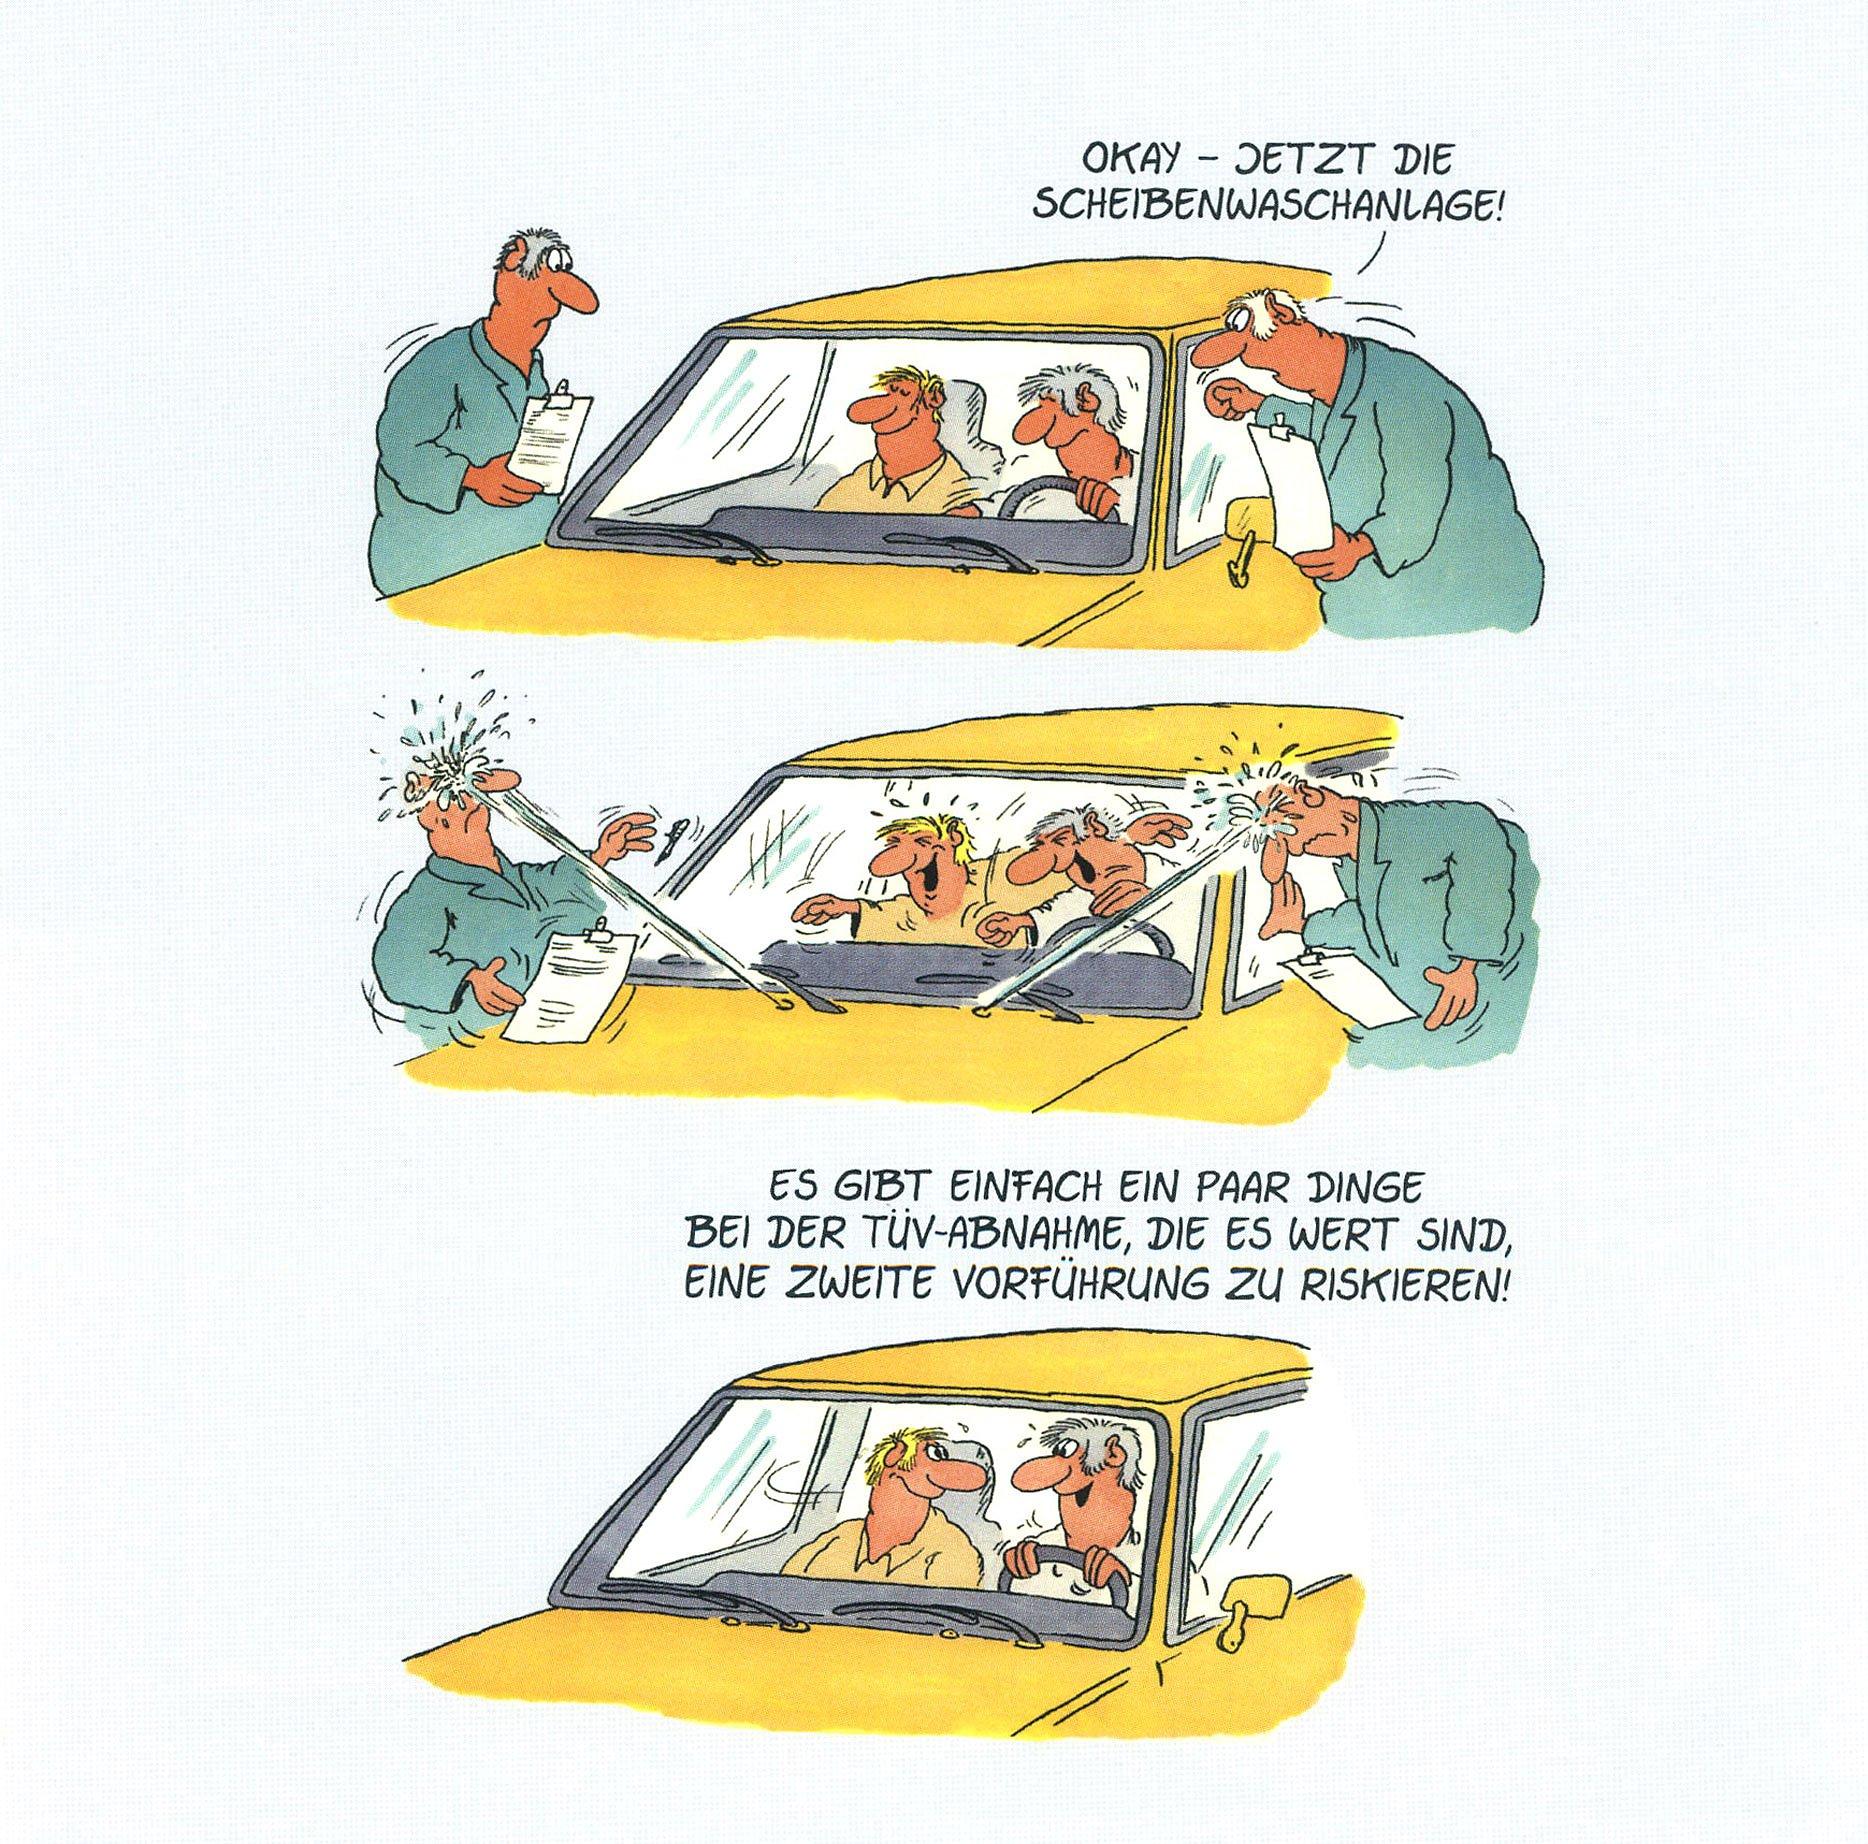 autofahren-viel-spass-072658498.jpg